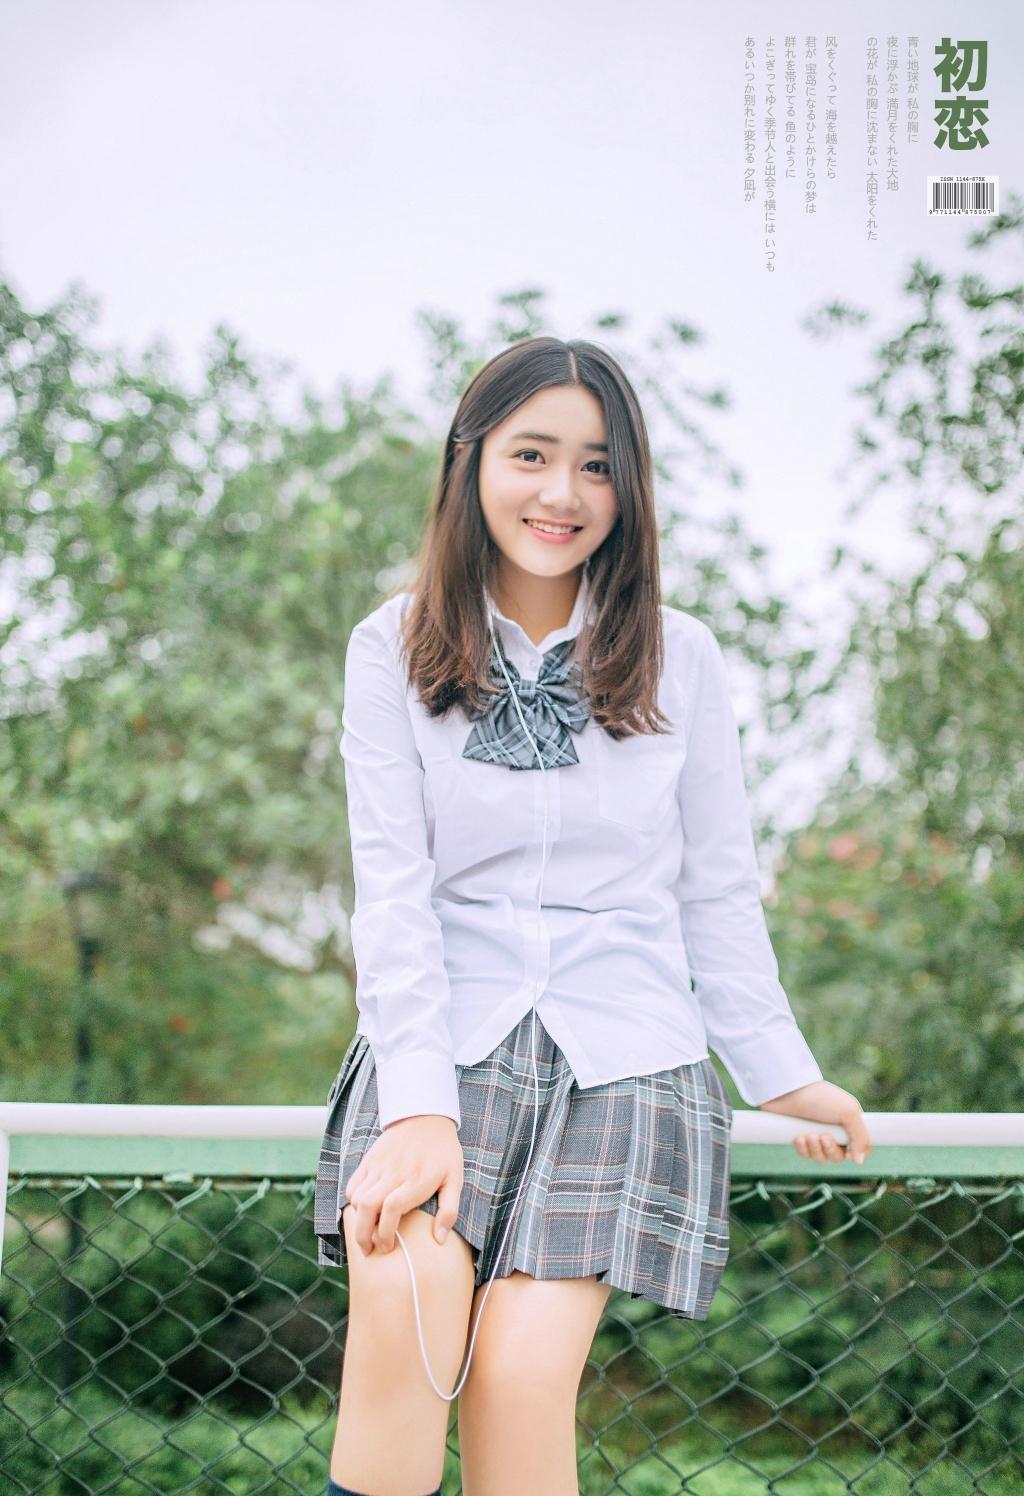 IZP-001性感韩国美女图片 露背翘臀超迷人